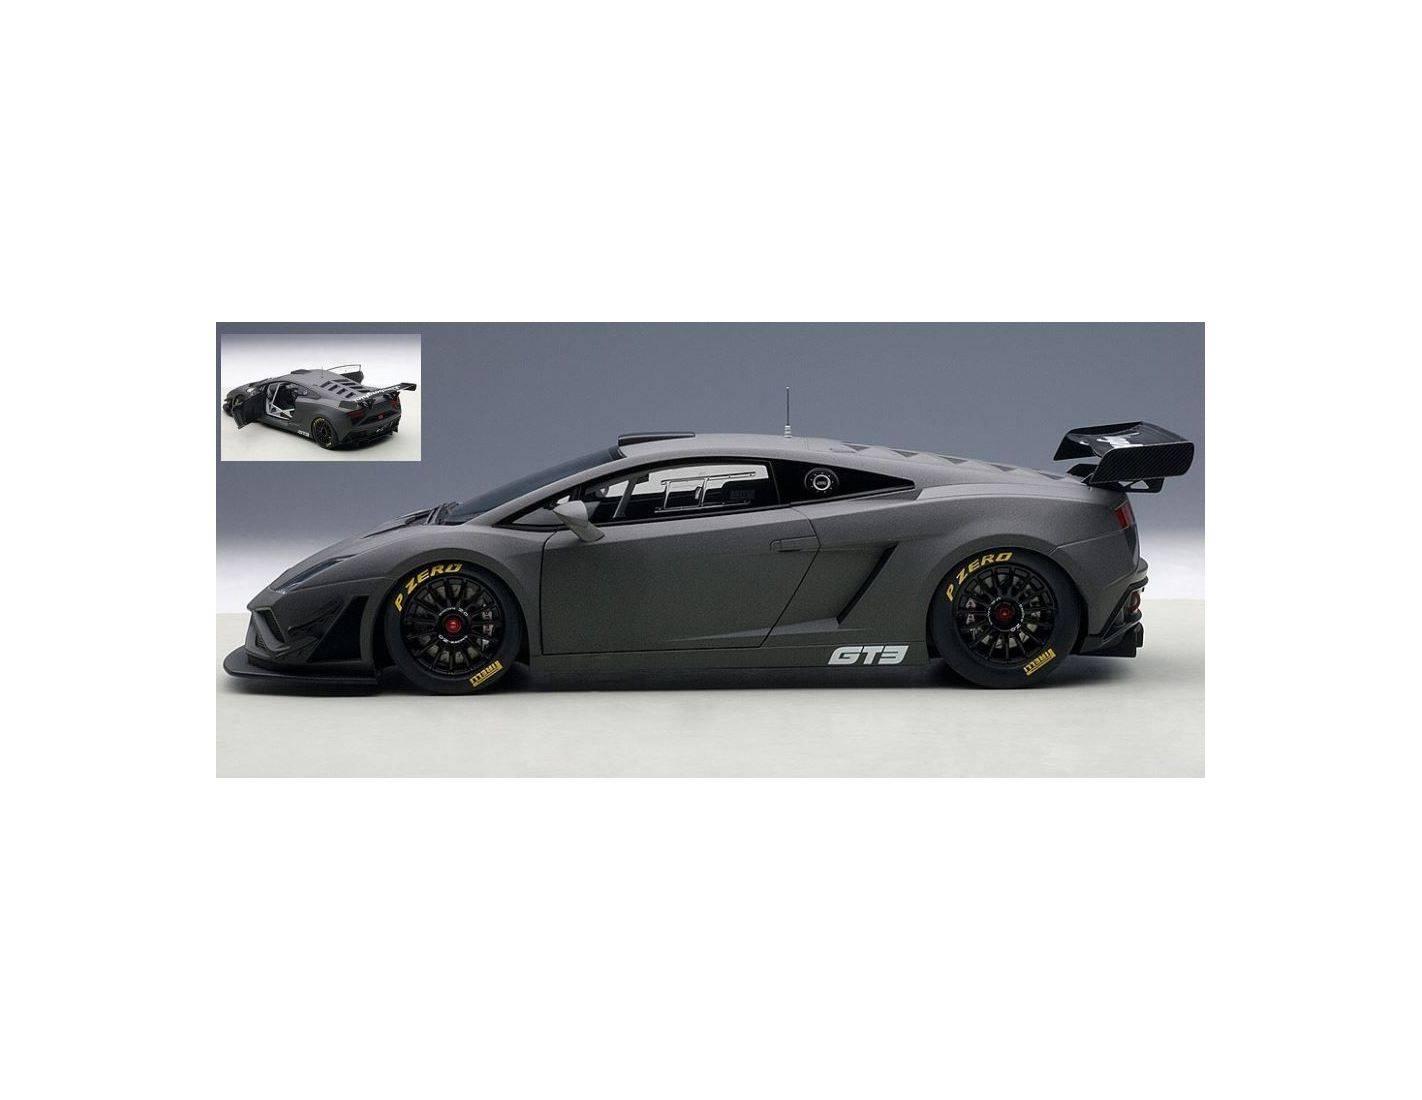 auto 1 18 auto art gateway aa81360 lamborghini gallardo gt3 fl2 2013 grey 1 18 modellino. Black Bedroom Furniture Sets. Home Design Ideas